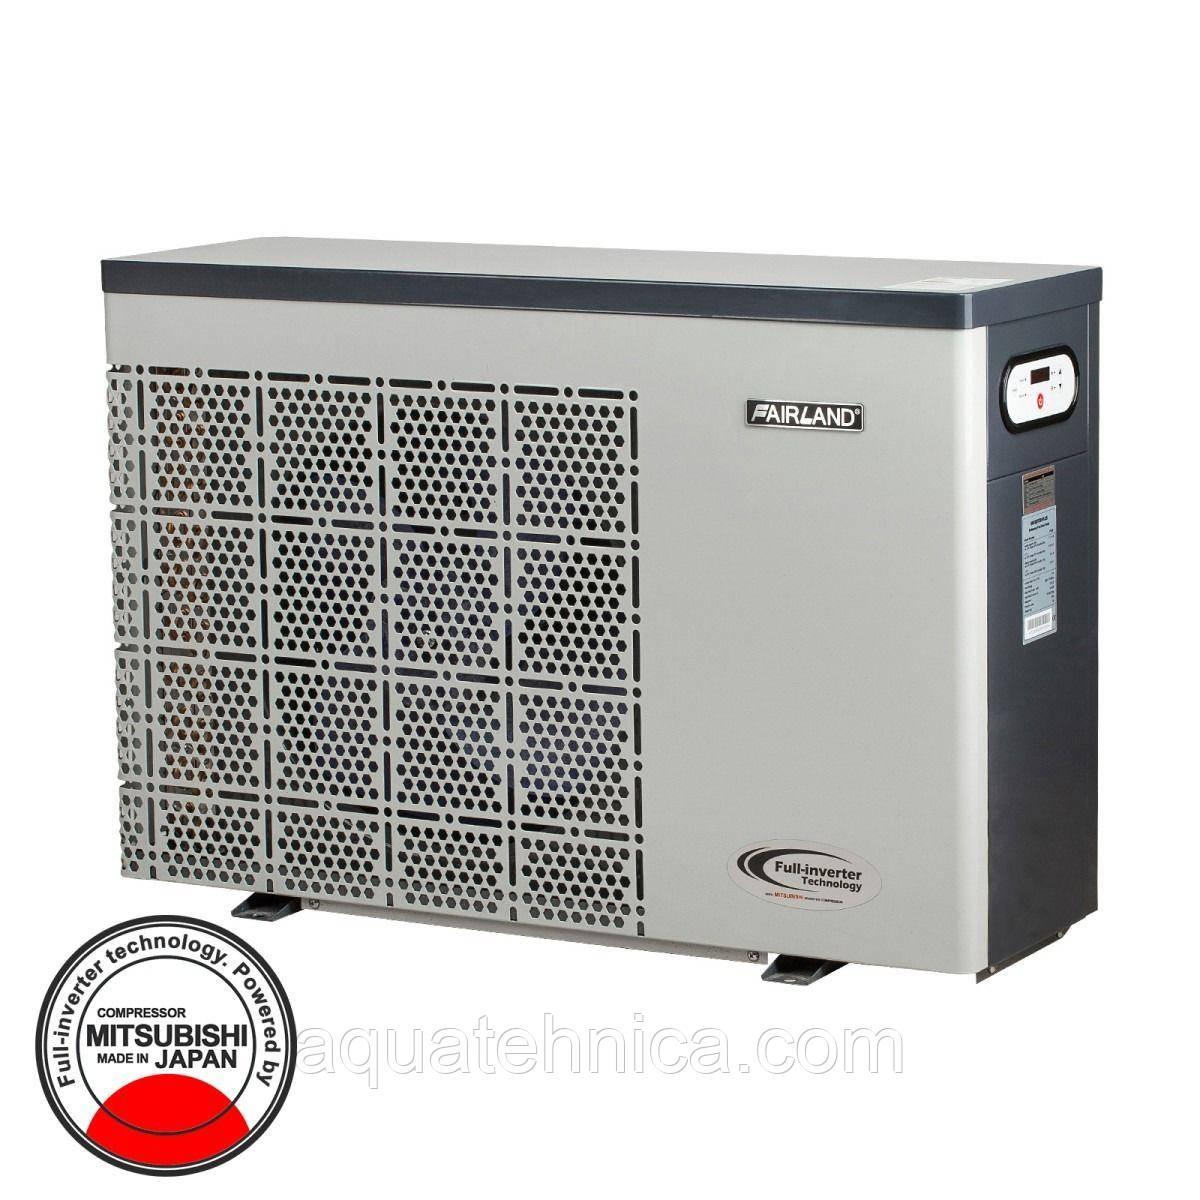 Насос инверторный тепловой Fairland IPHC55, тепло и охлождение теплой воды